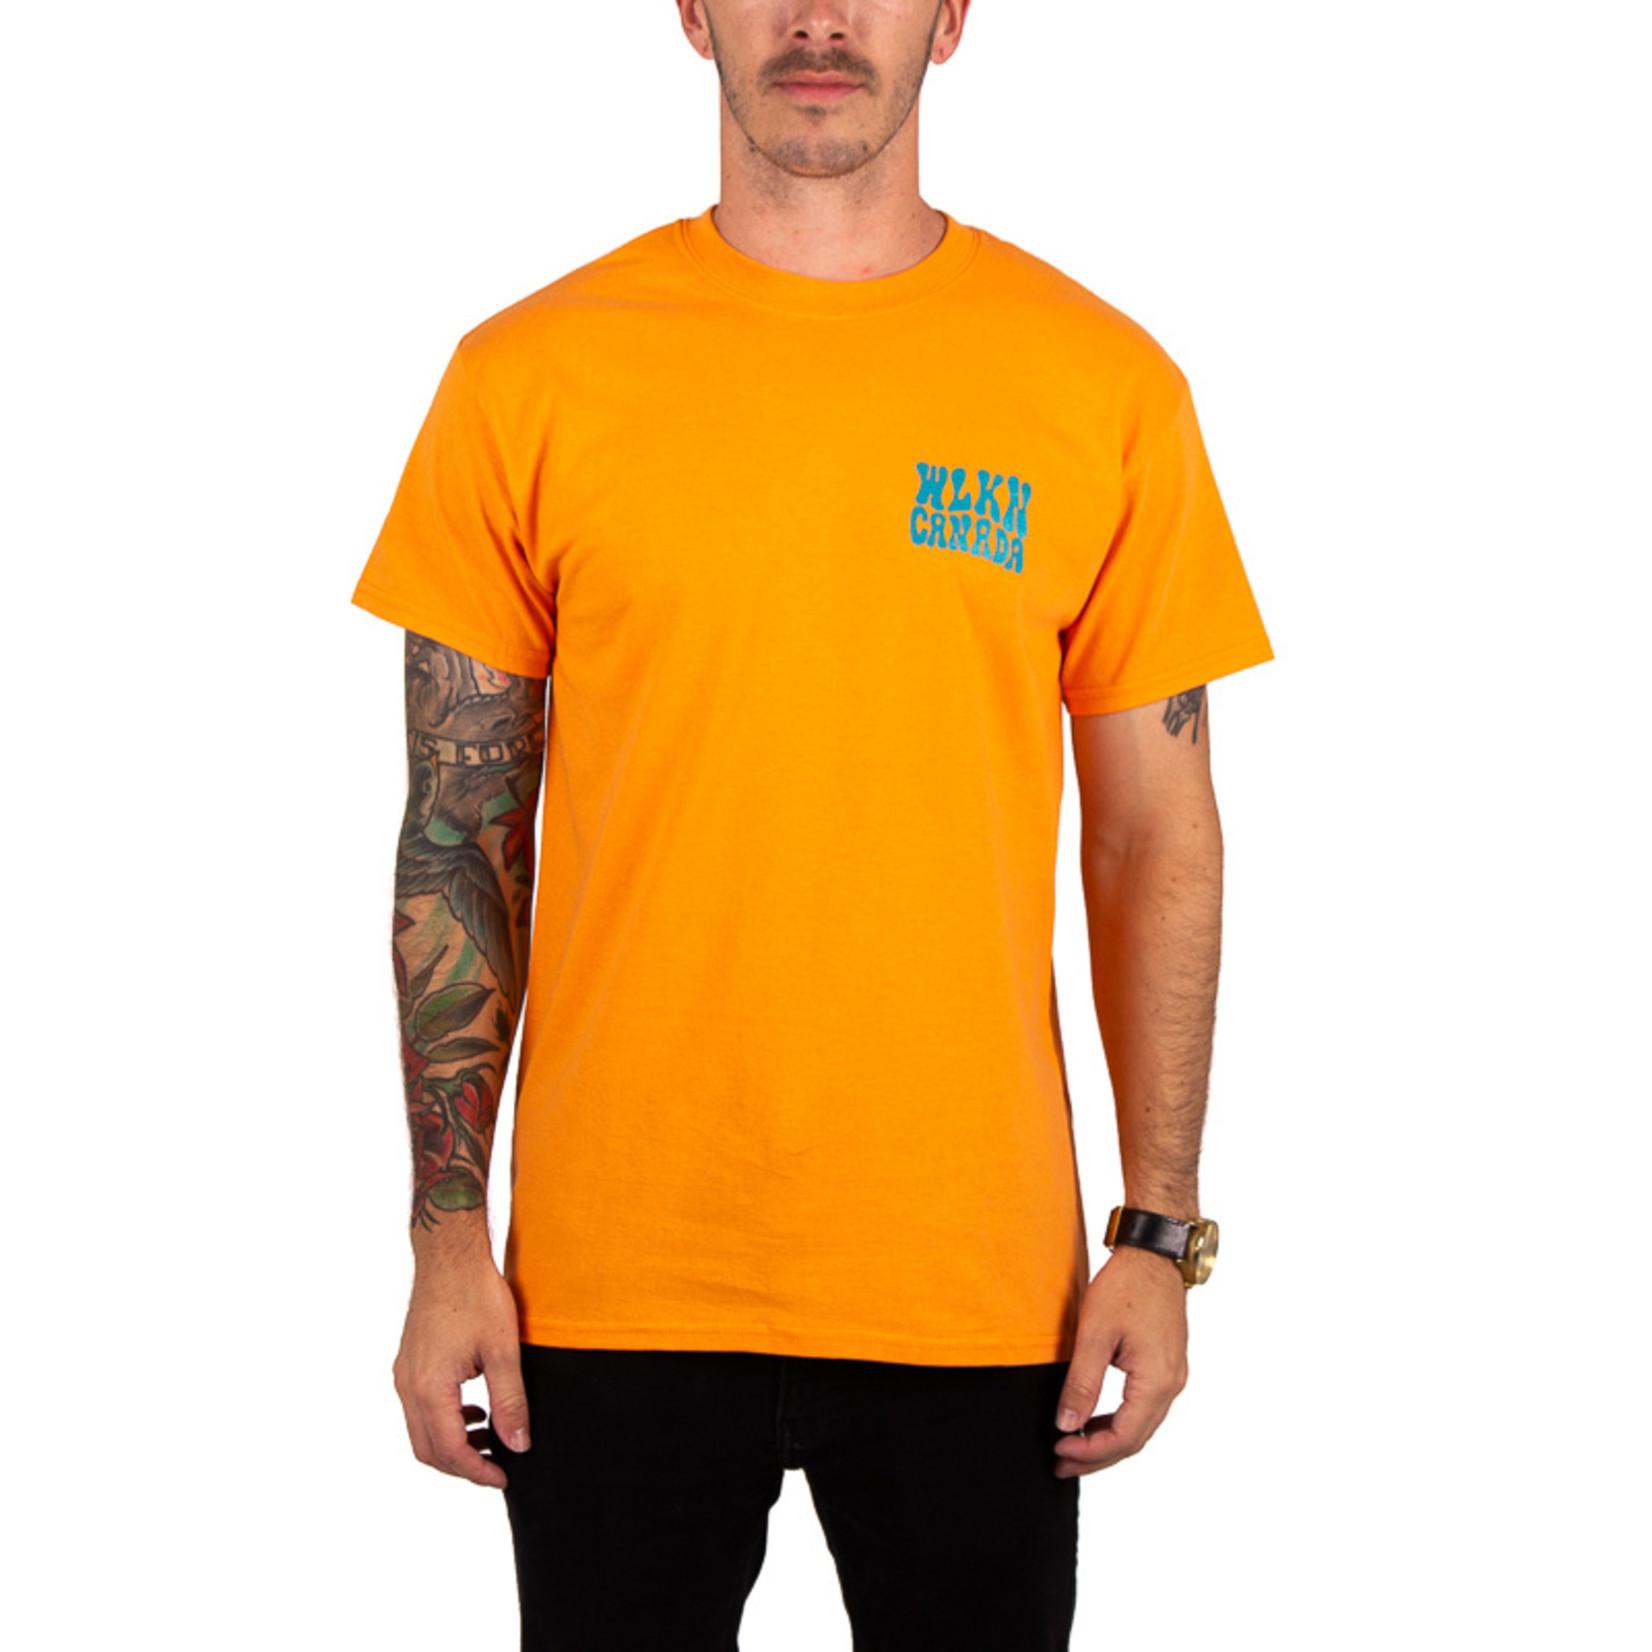 WLKN WLKN : 70s T-Shirt